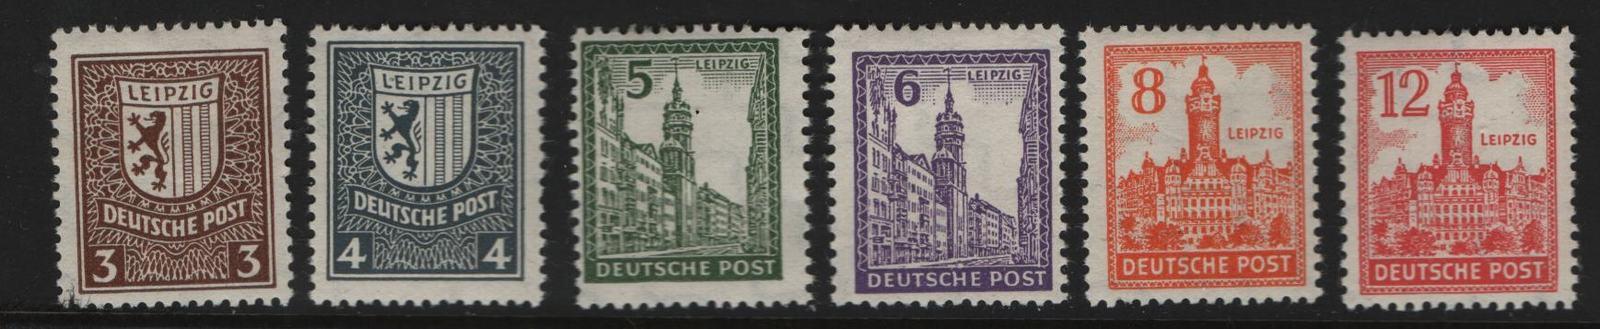 Germany14n15 20